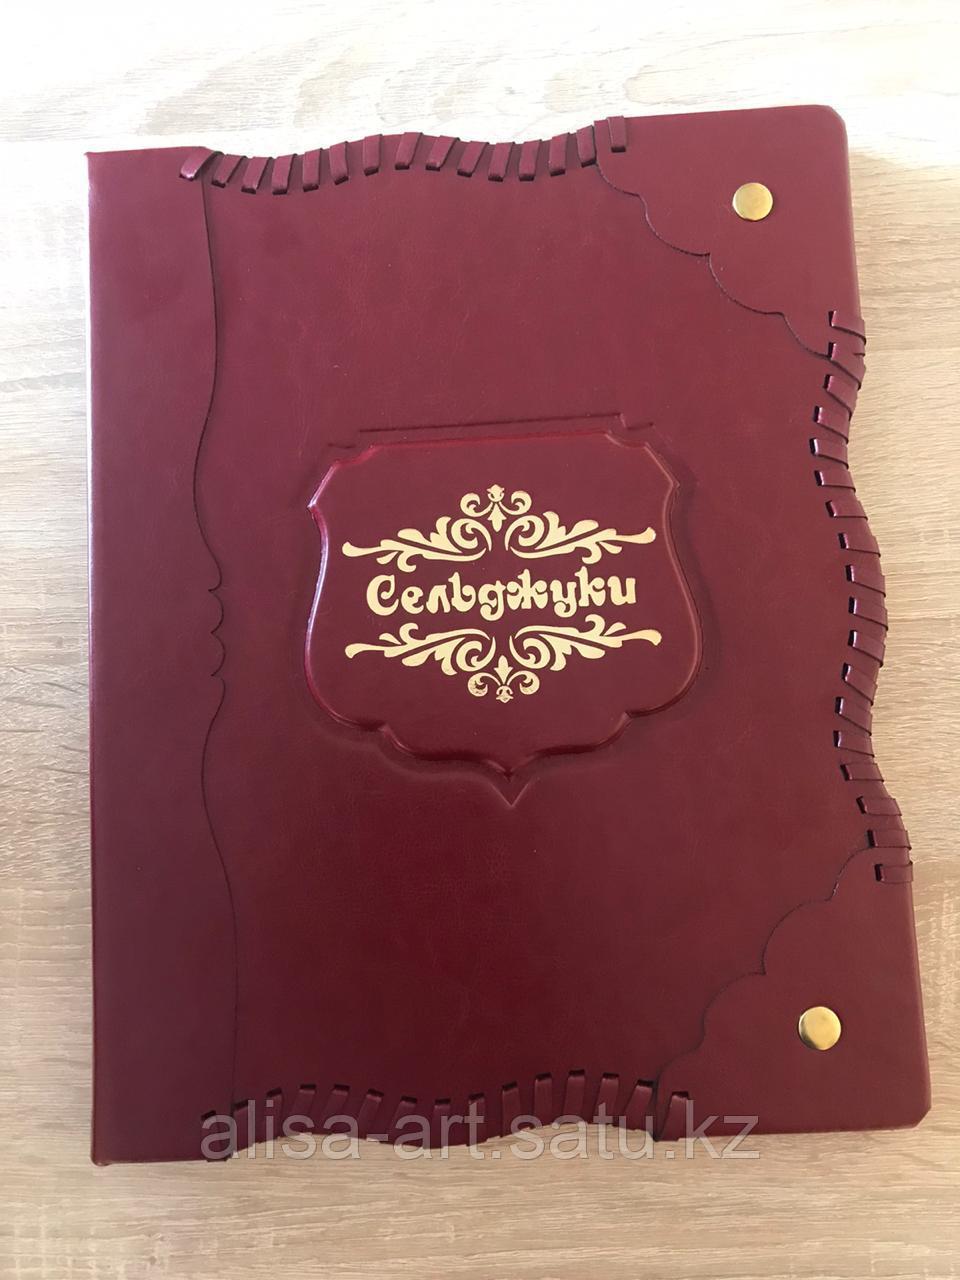 Папки меню, чекбуки, карты вин - фото 2